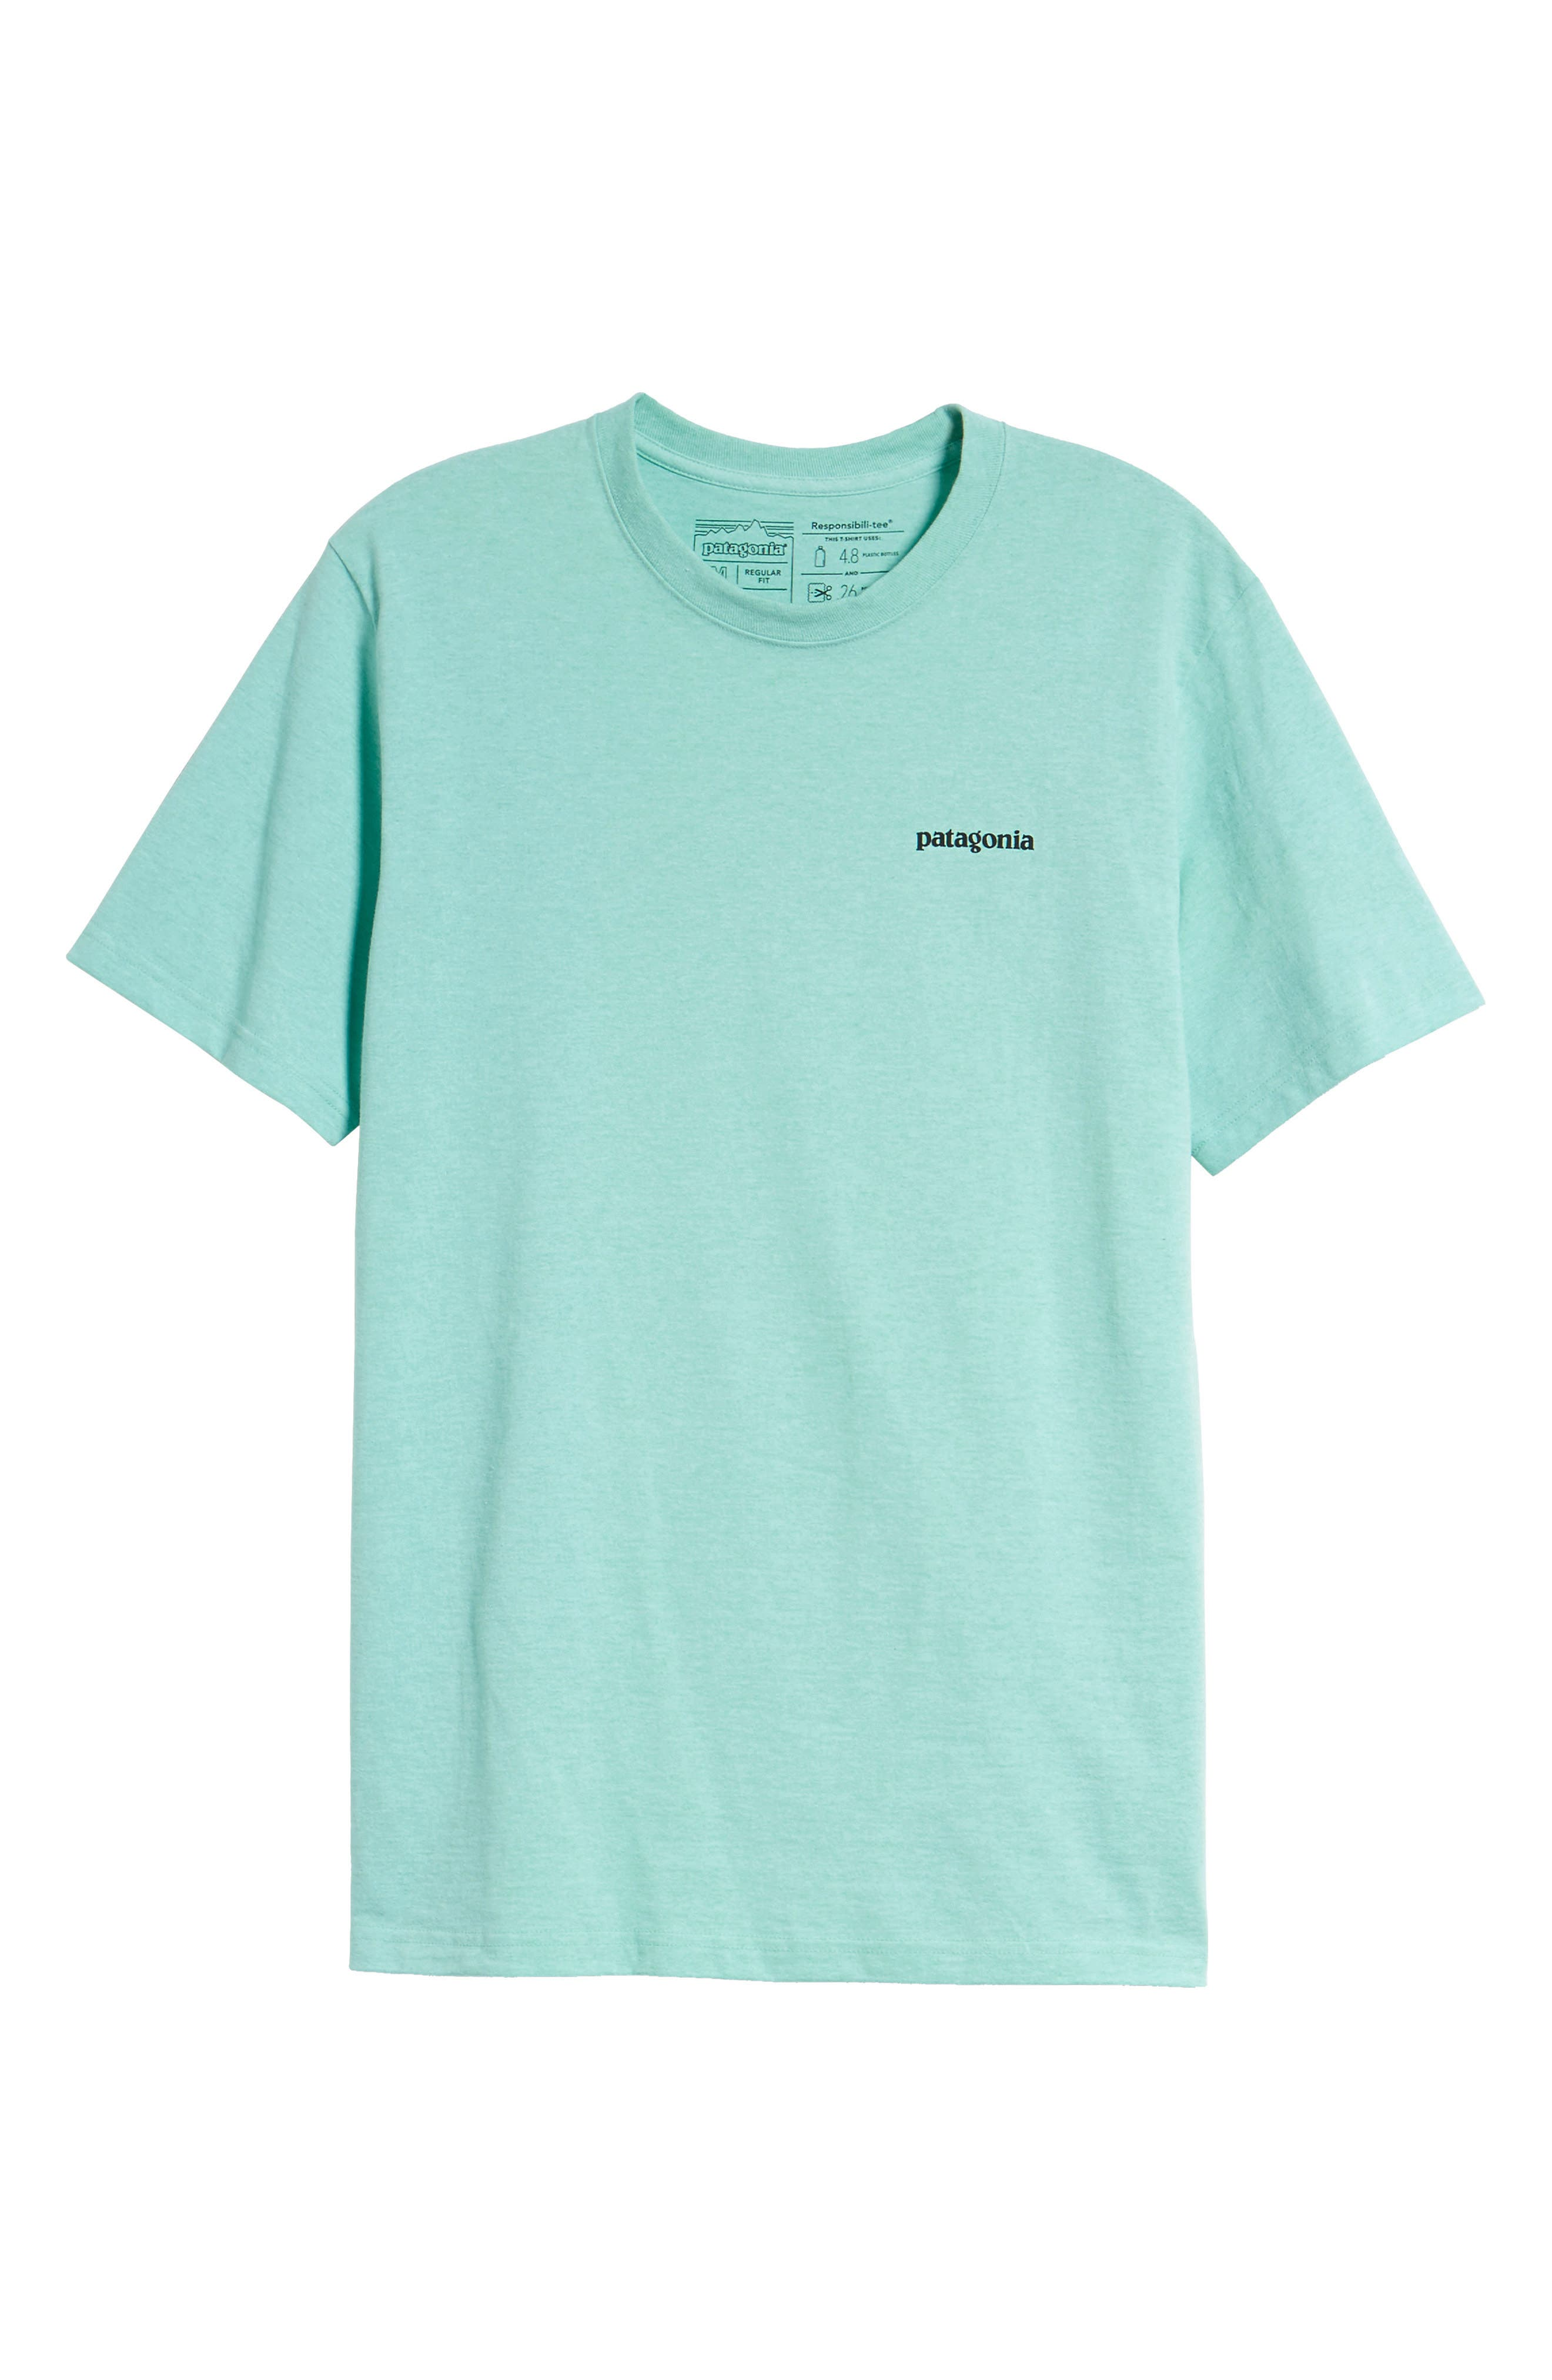 Fitz Roy Trout Crewneck T-Shirt,                             Alternate thumbnail 11, color,                             Bend Blue